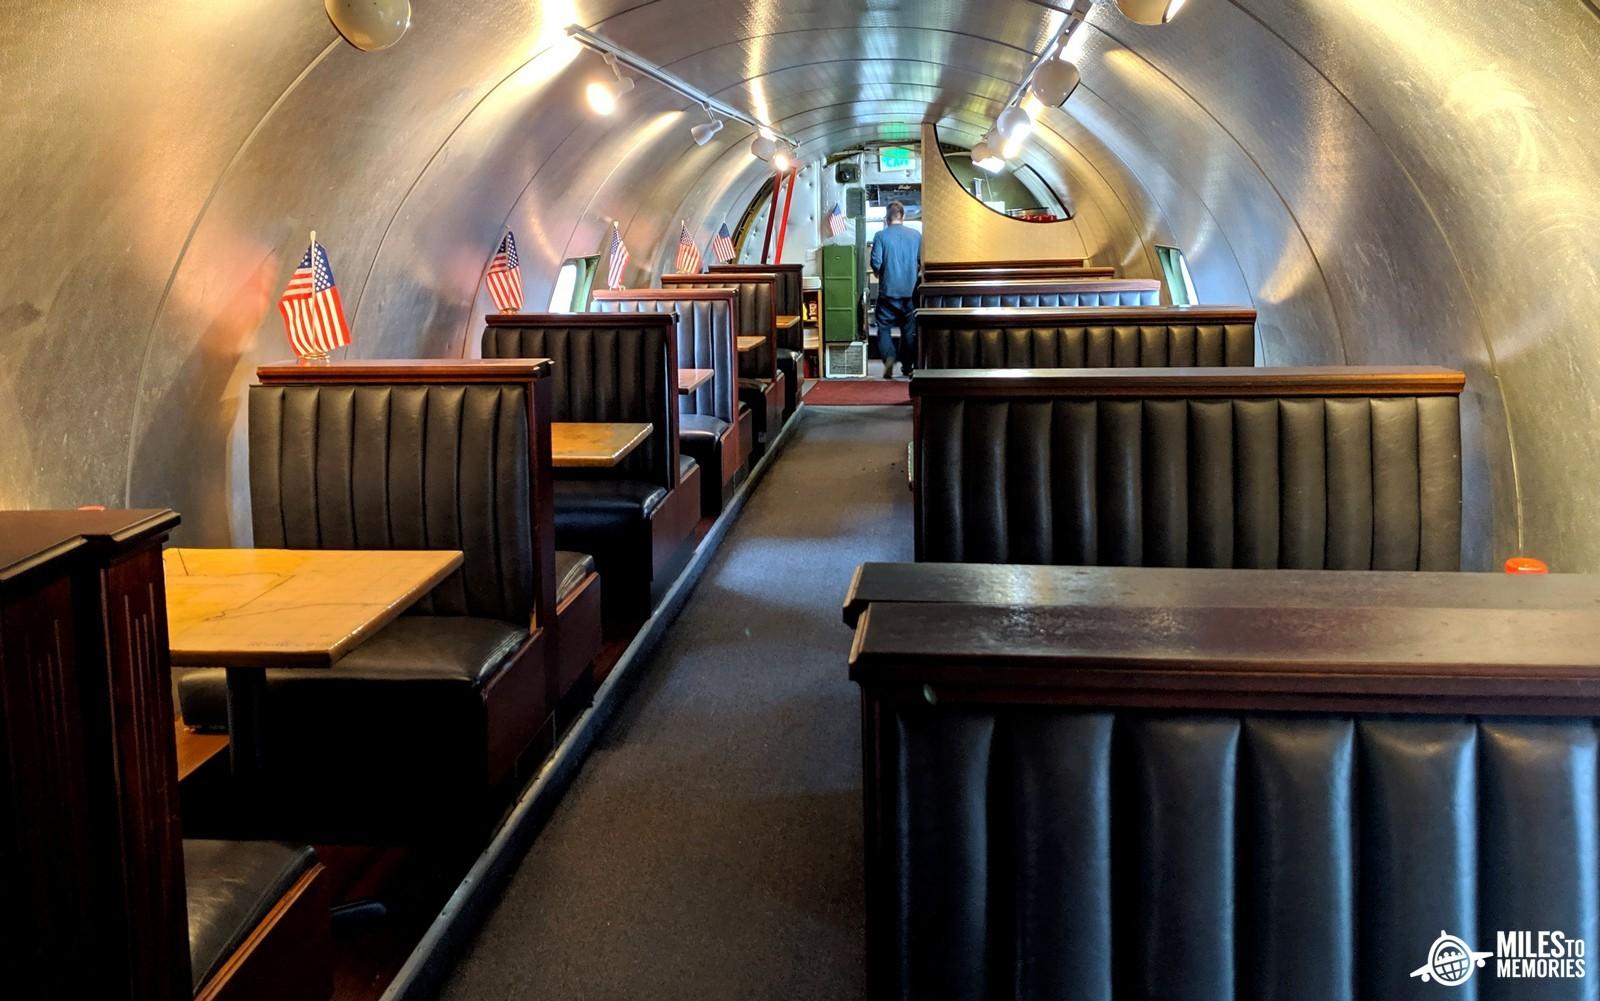 با عجیبترین رستورانهای جهان آشنا شوید؛ از توالت تا هواپیما